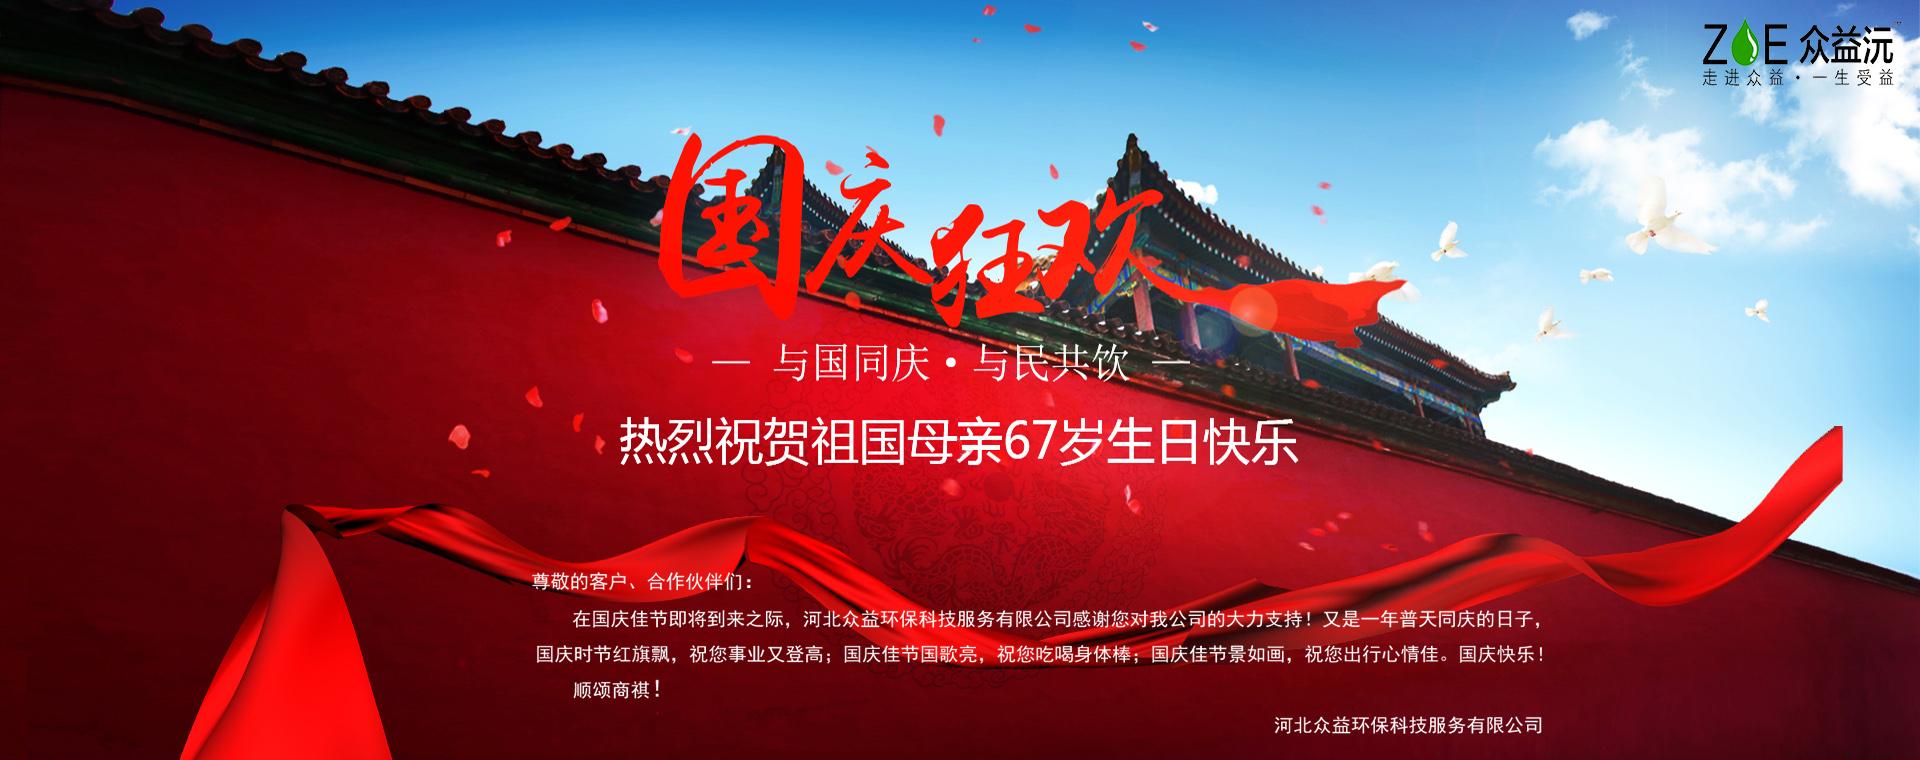 国庆佳节,众益沅为您送祝福